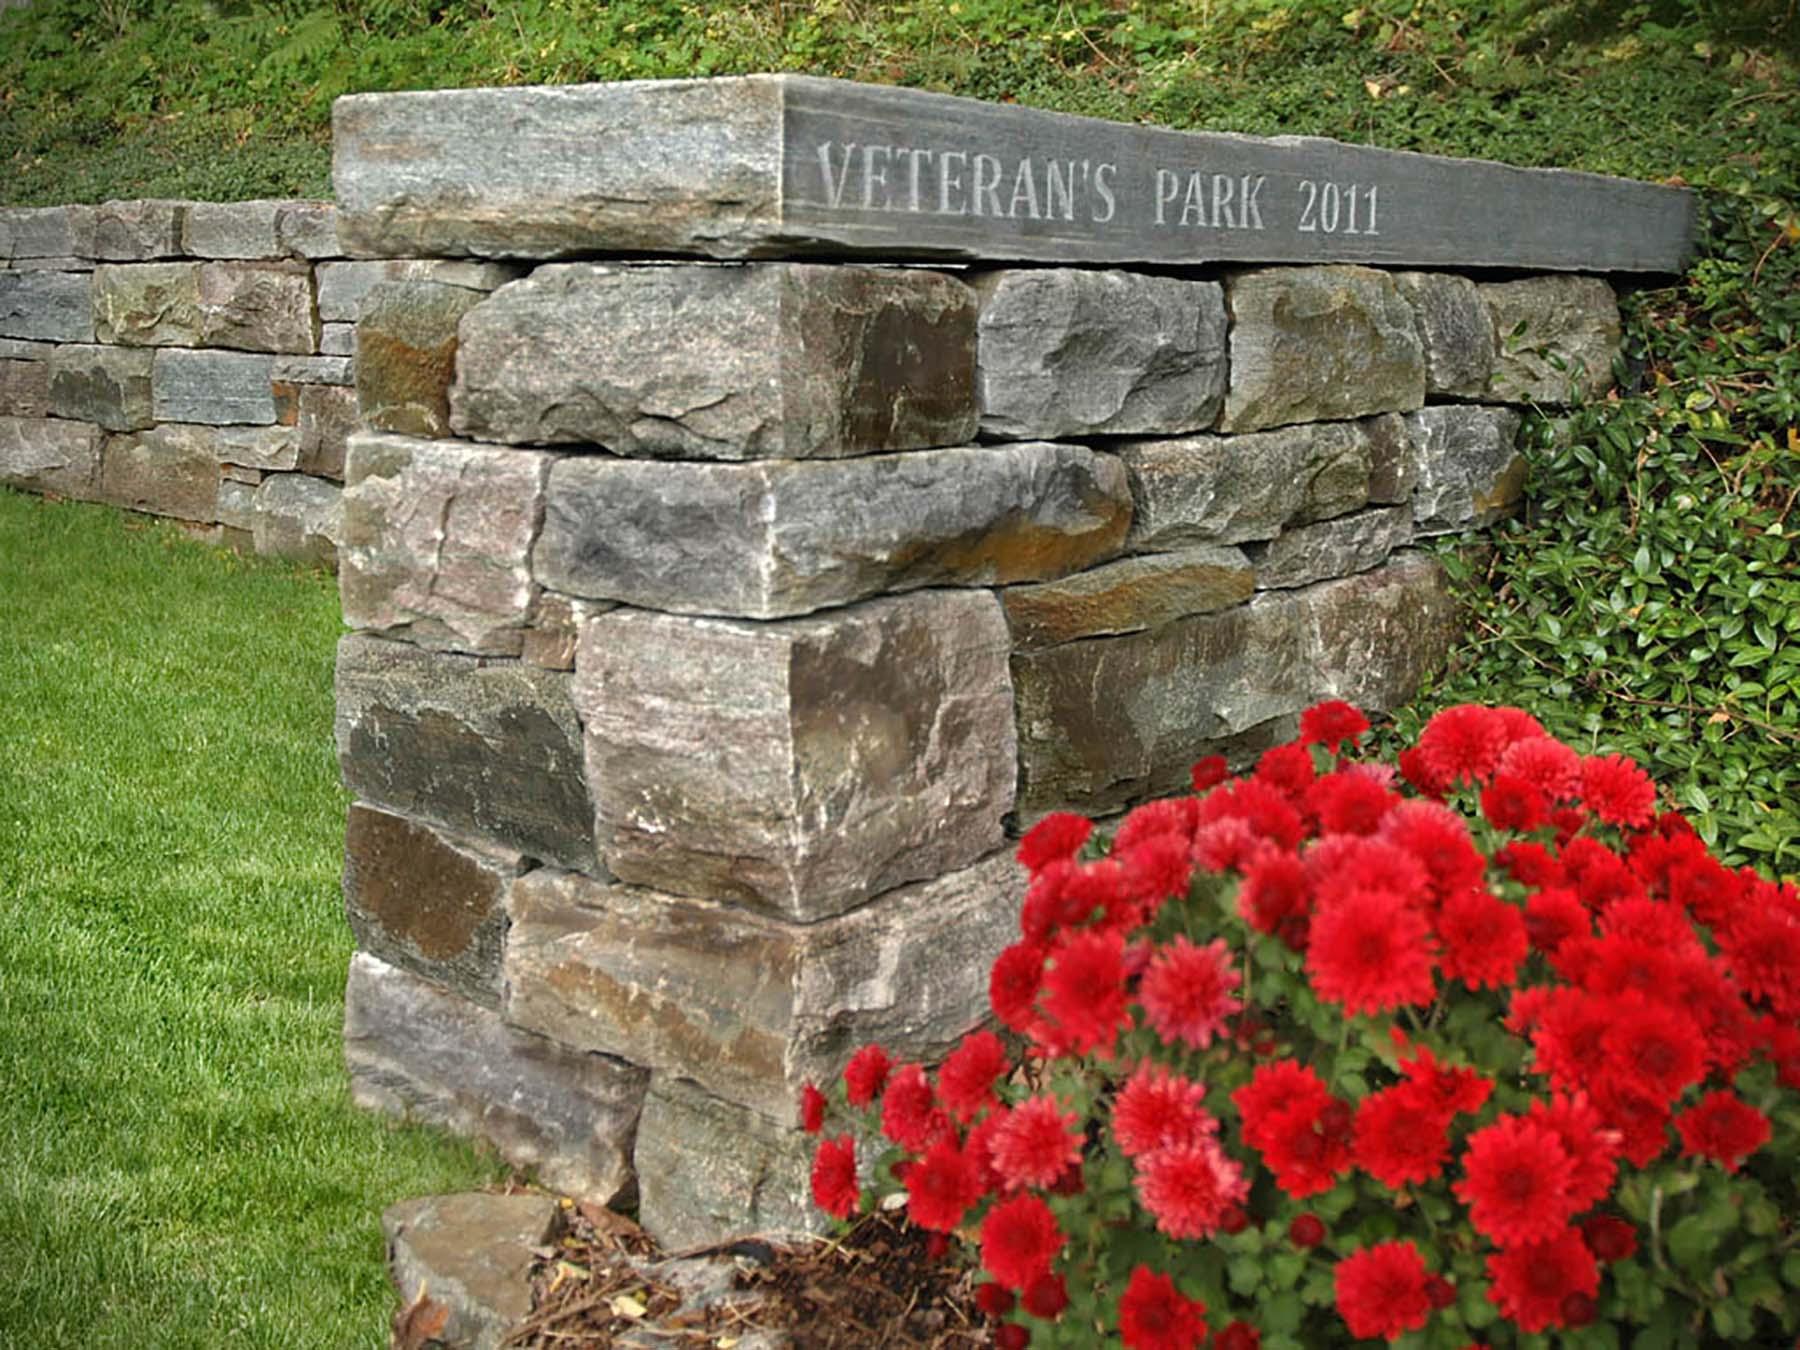 natural stone Ticonderoga granite wall in park